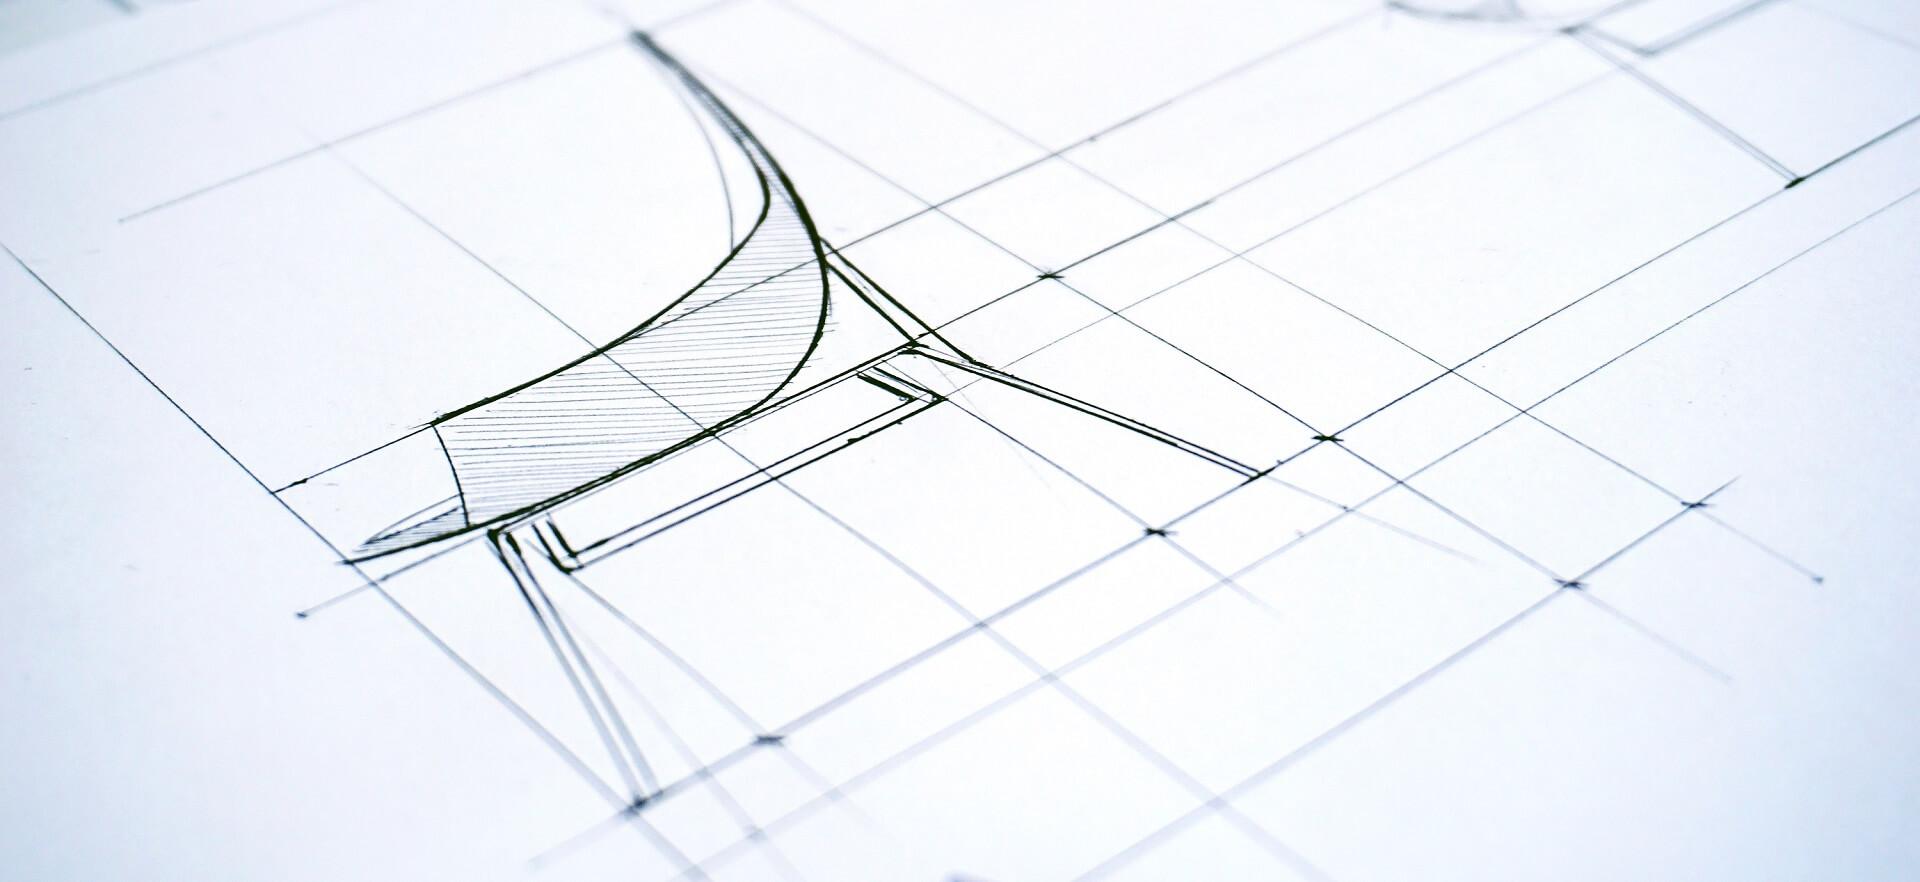 Mobiliario a medida de calidad muebles de diseño a medida